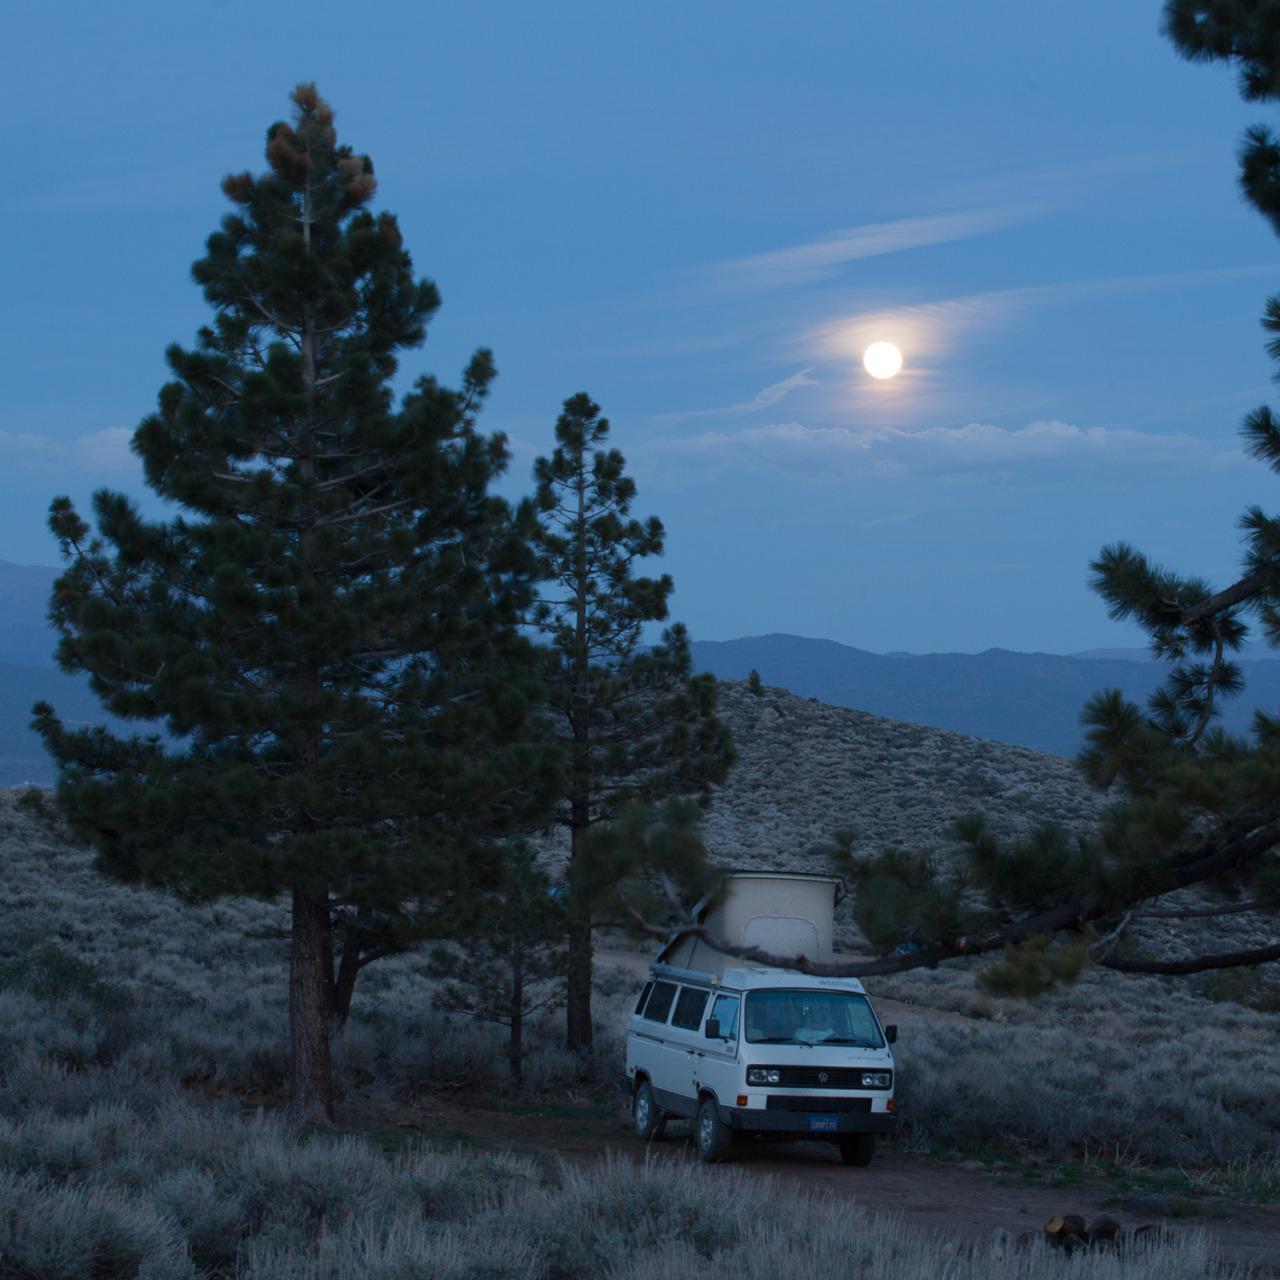 Volkswagen Van camped outside of Bridgeport, California